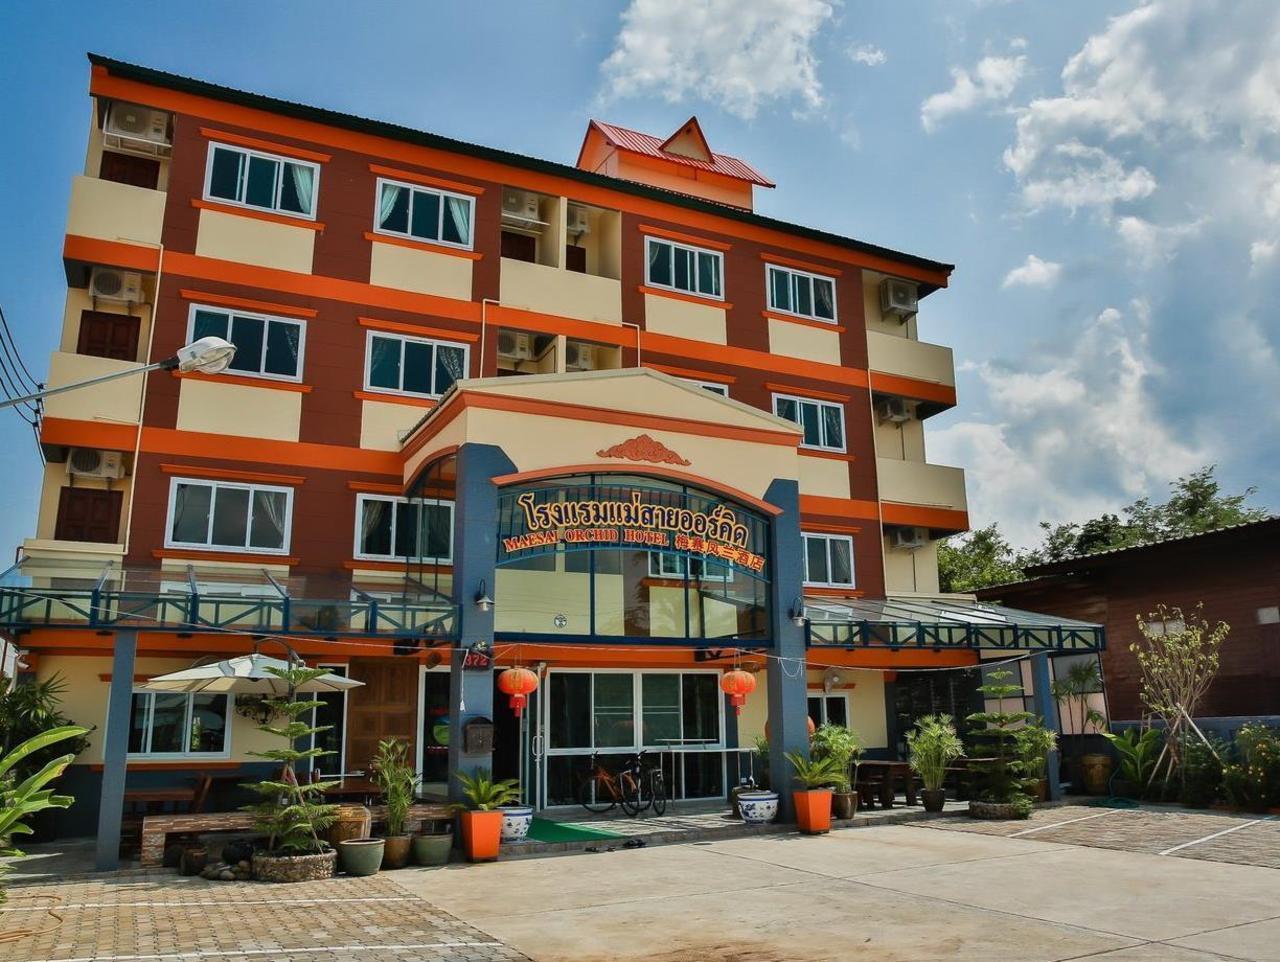 แม่สาย ออร์คิด โฮเทล (Maesai Orchid Hotel)